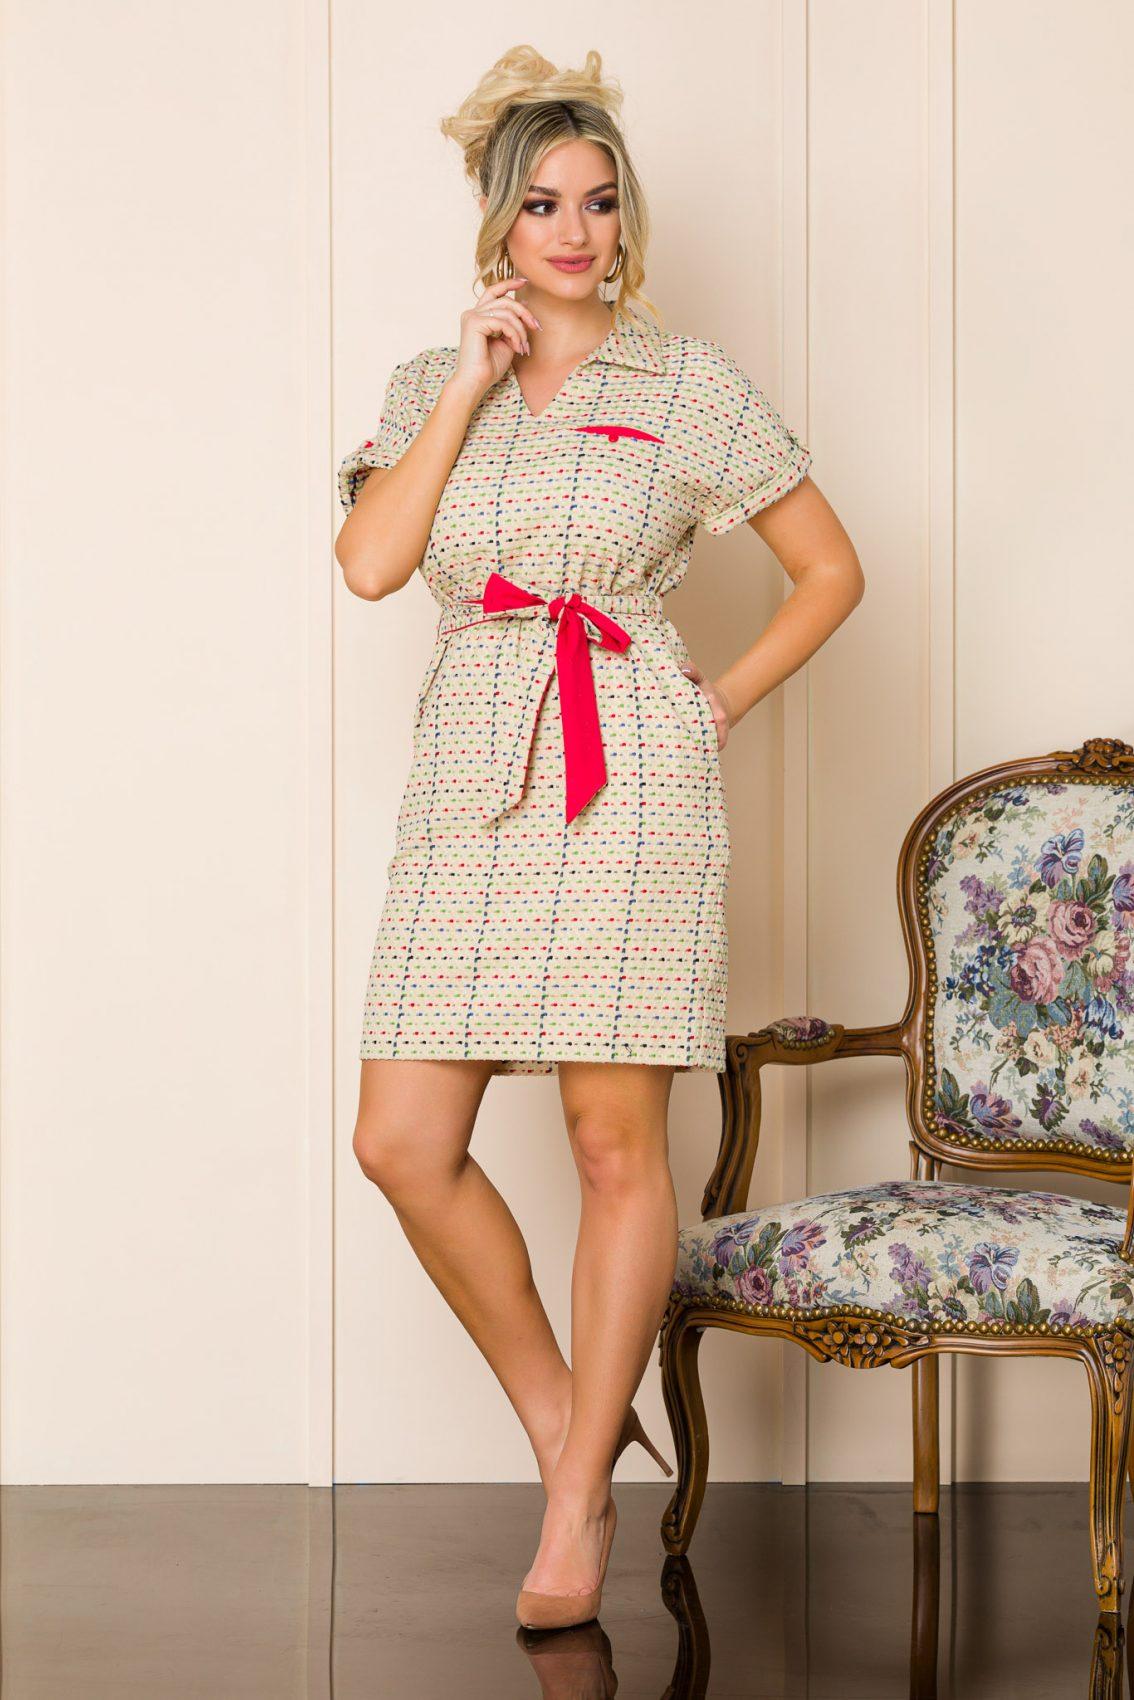 Μπεζ Καθημερινό Φόρεμα Janelle 9874 3